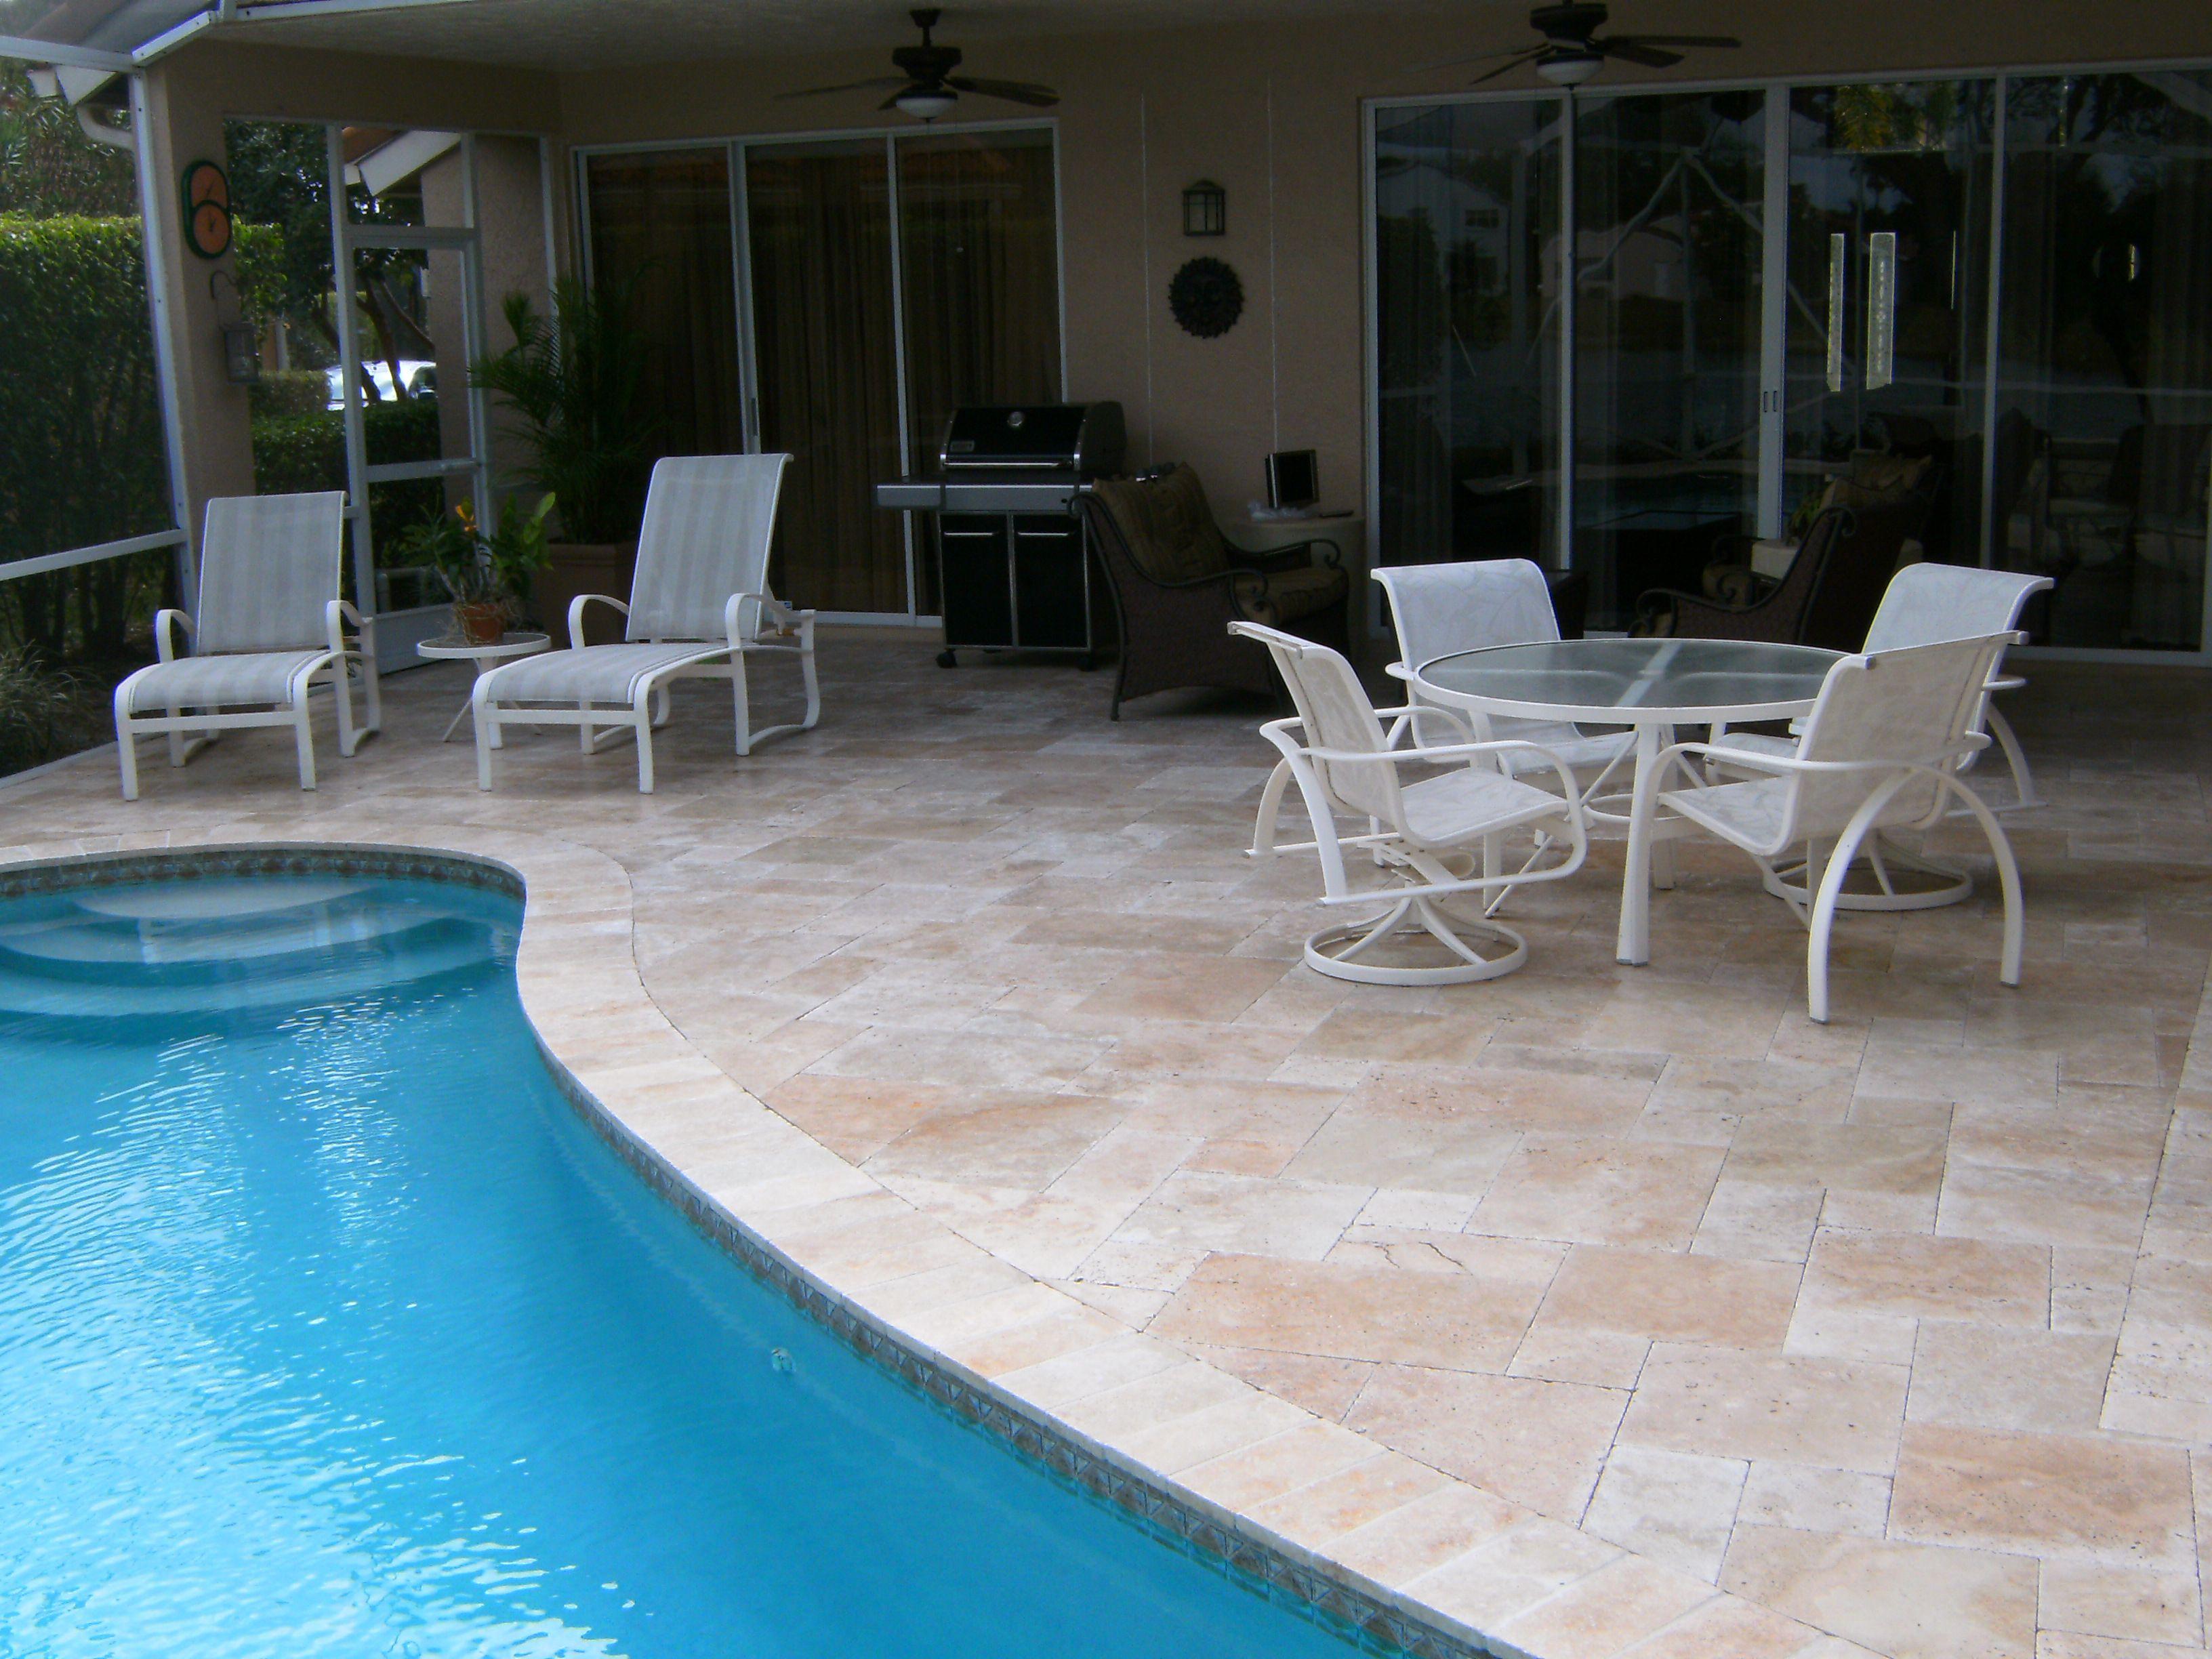 noce travertine pool decking Pool Decking